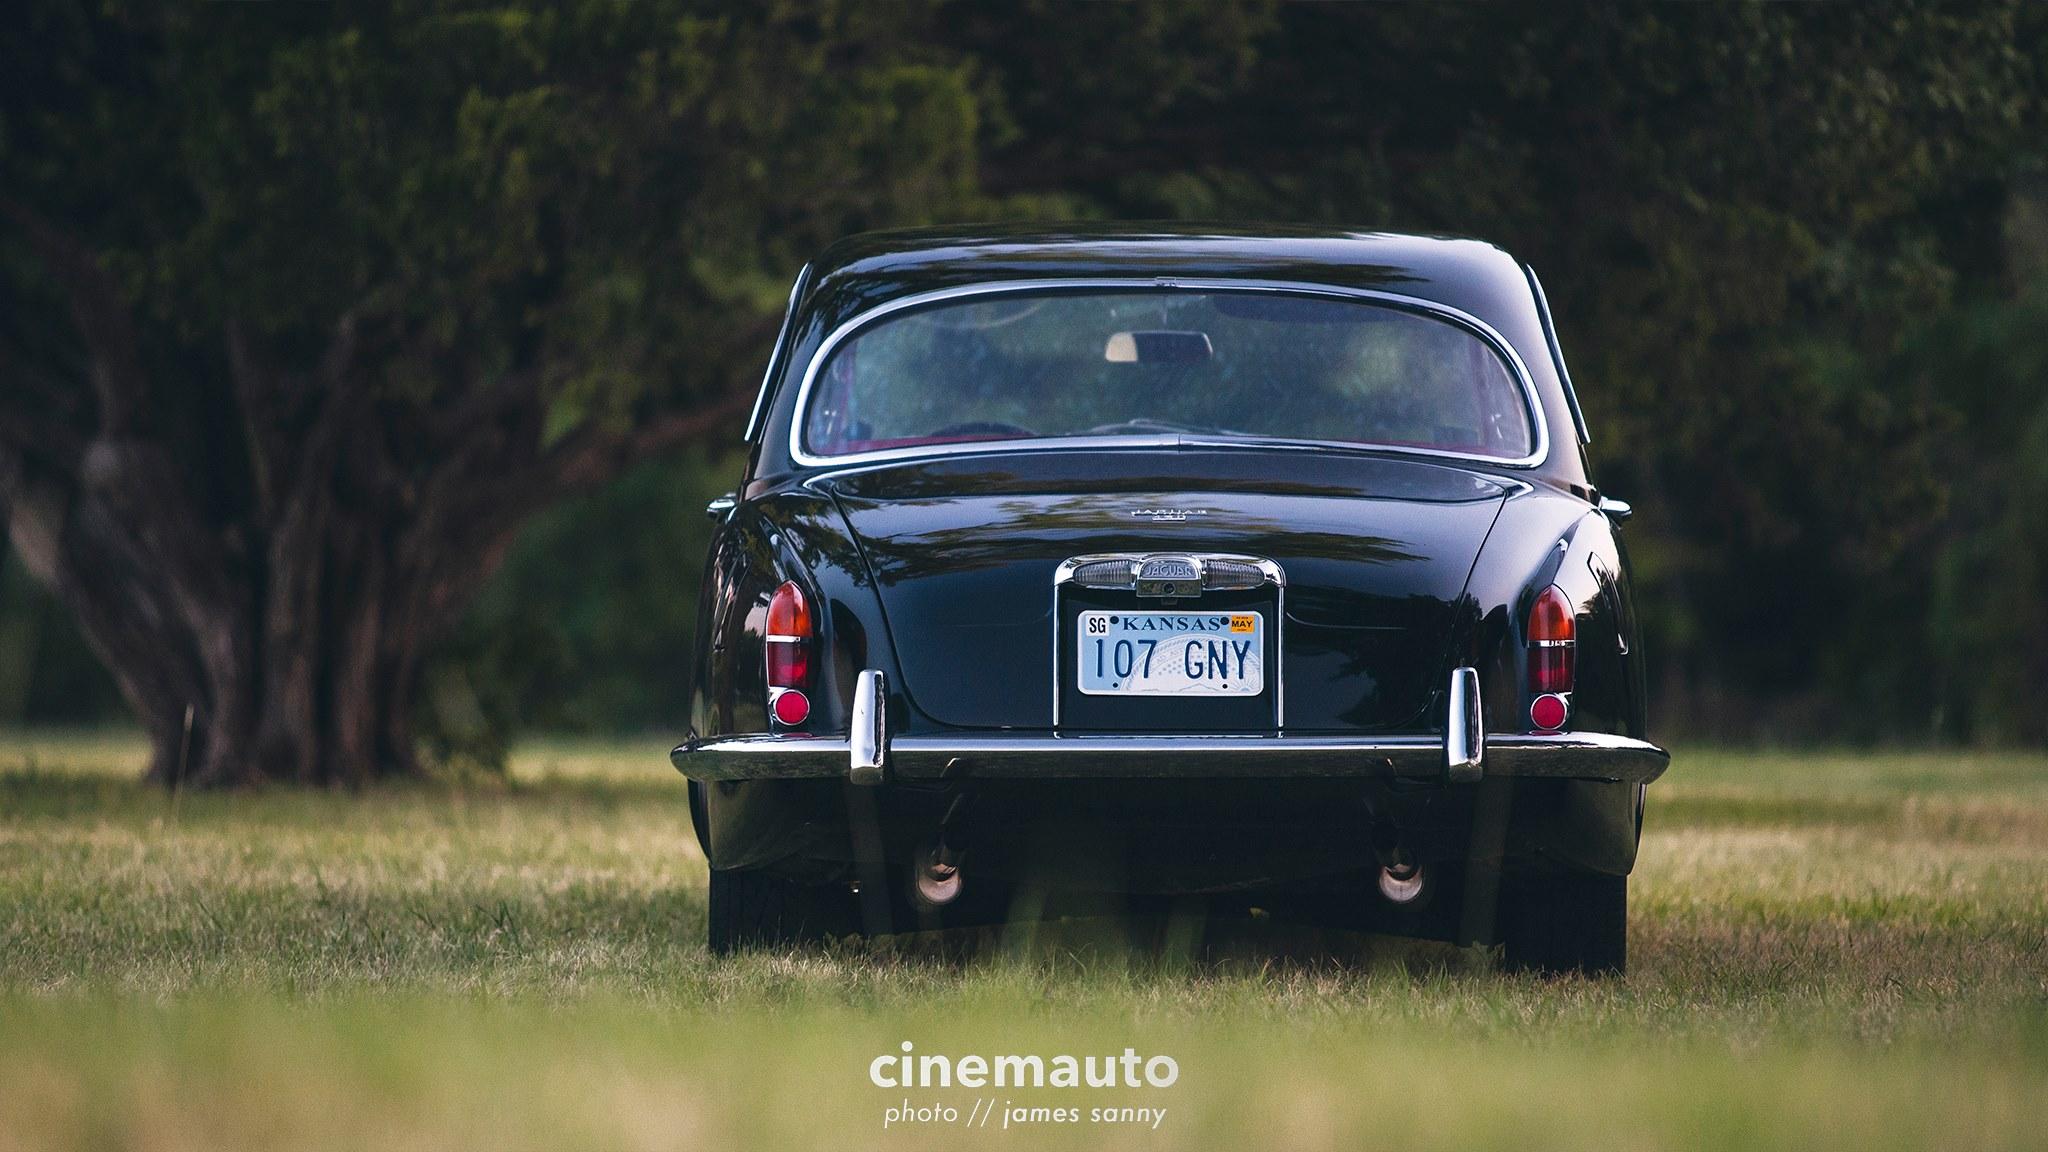 wichita-automotive-photographers-js7.jpg